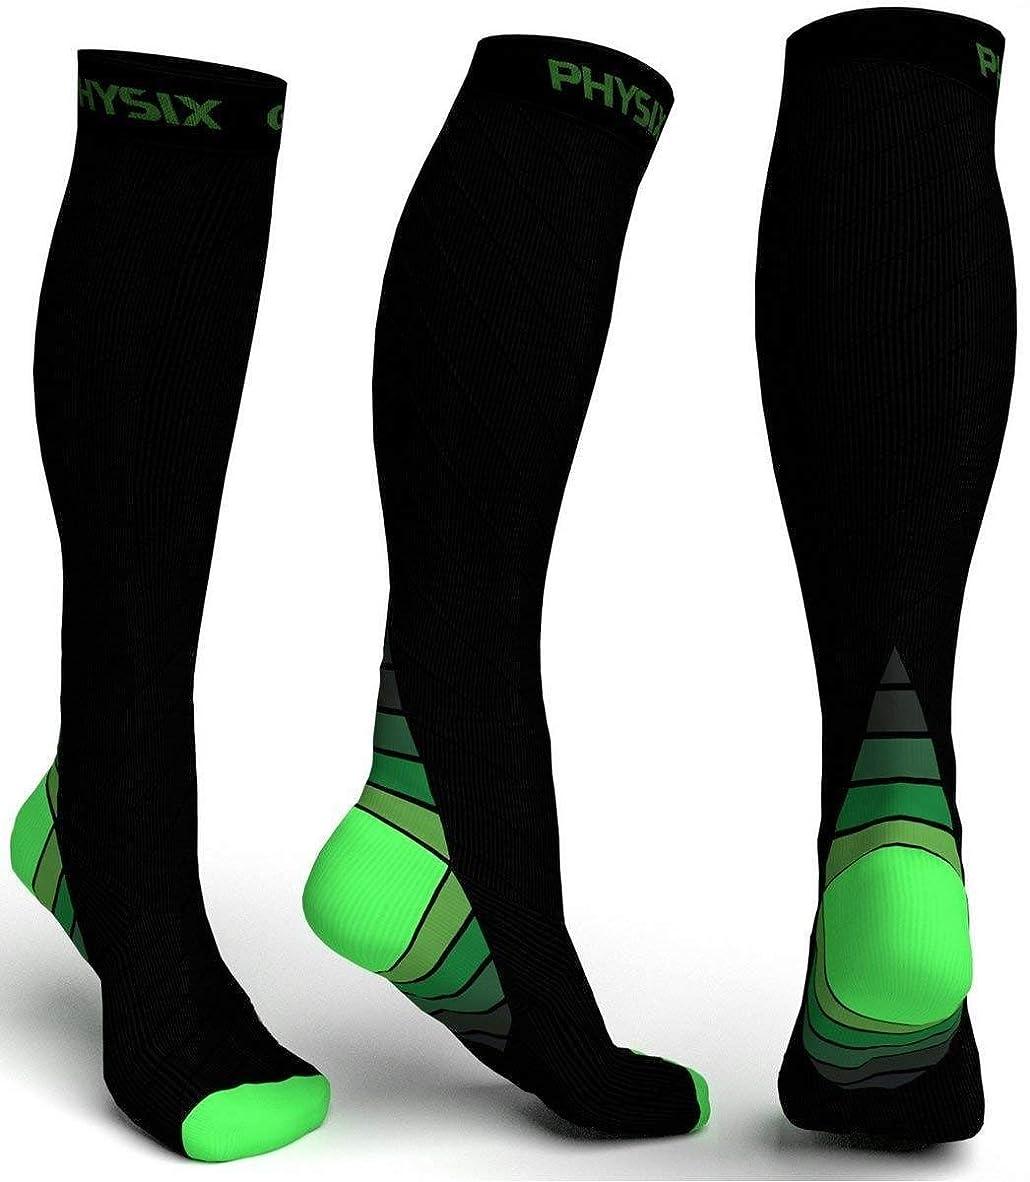 枠モットーメディアPhysix Gearコンプレッションソックス男性用/女性用(20?30 mmHg)最高の段階的なフィット ランニング、看護、過労性脛部痛、フライトトラベル&マタニティ妊娠 – スタミナ、循環&回復 (BLACK & GREEN S-M)